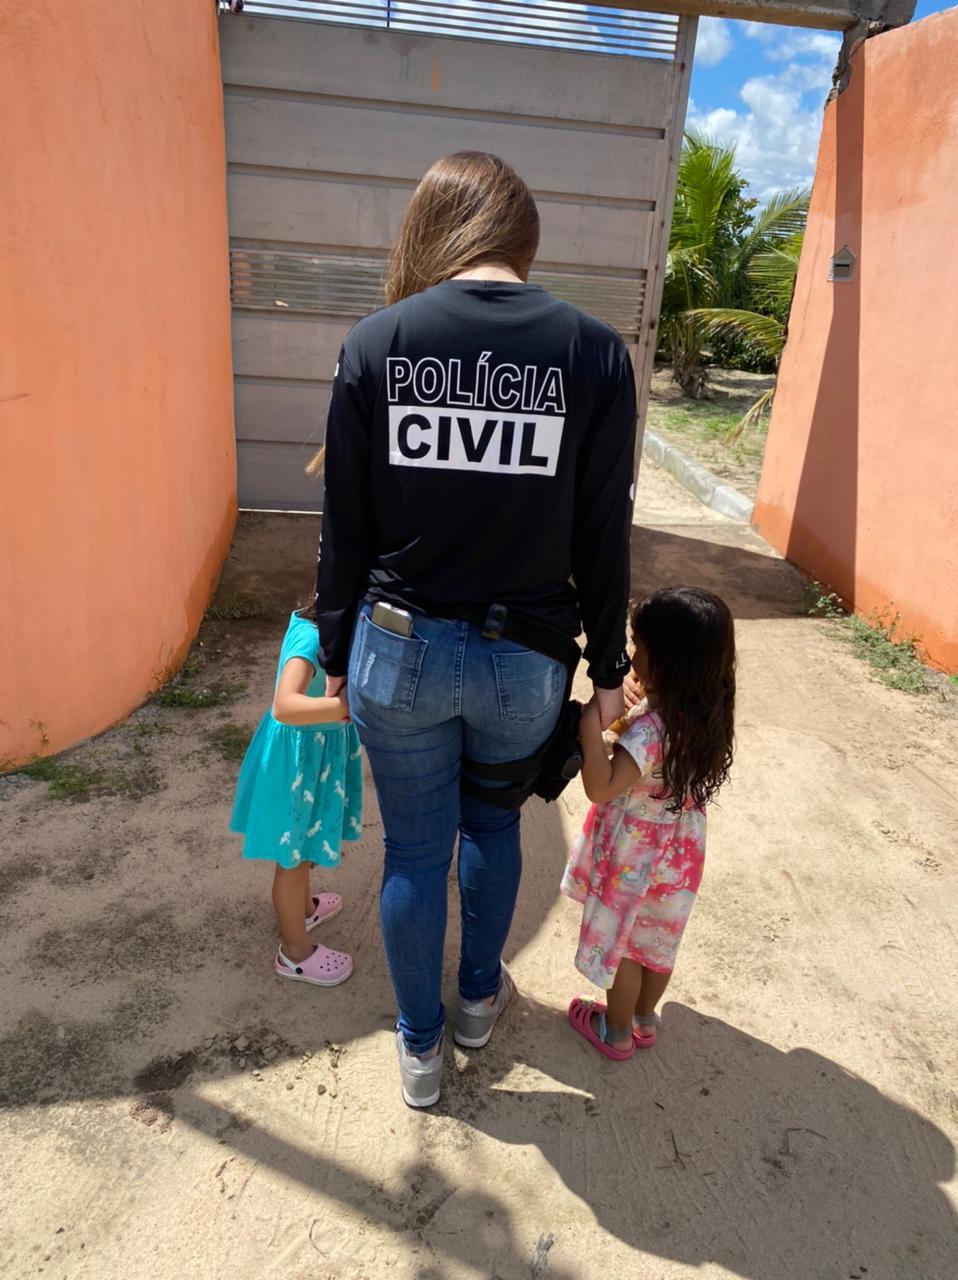 As crianças foram localizadas na cidade de Senhor do Bonfim, na Bahia. O pai foi preso